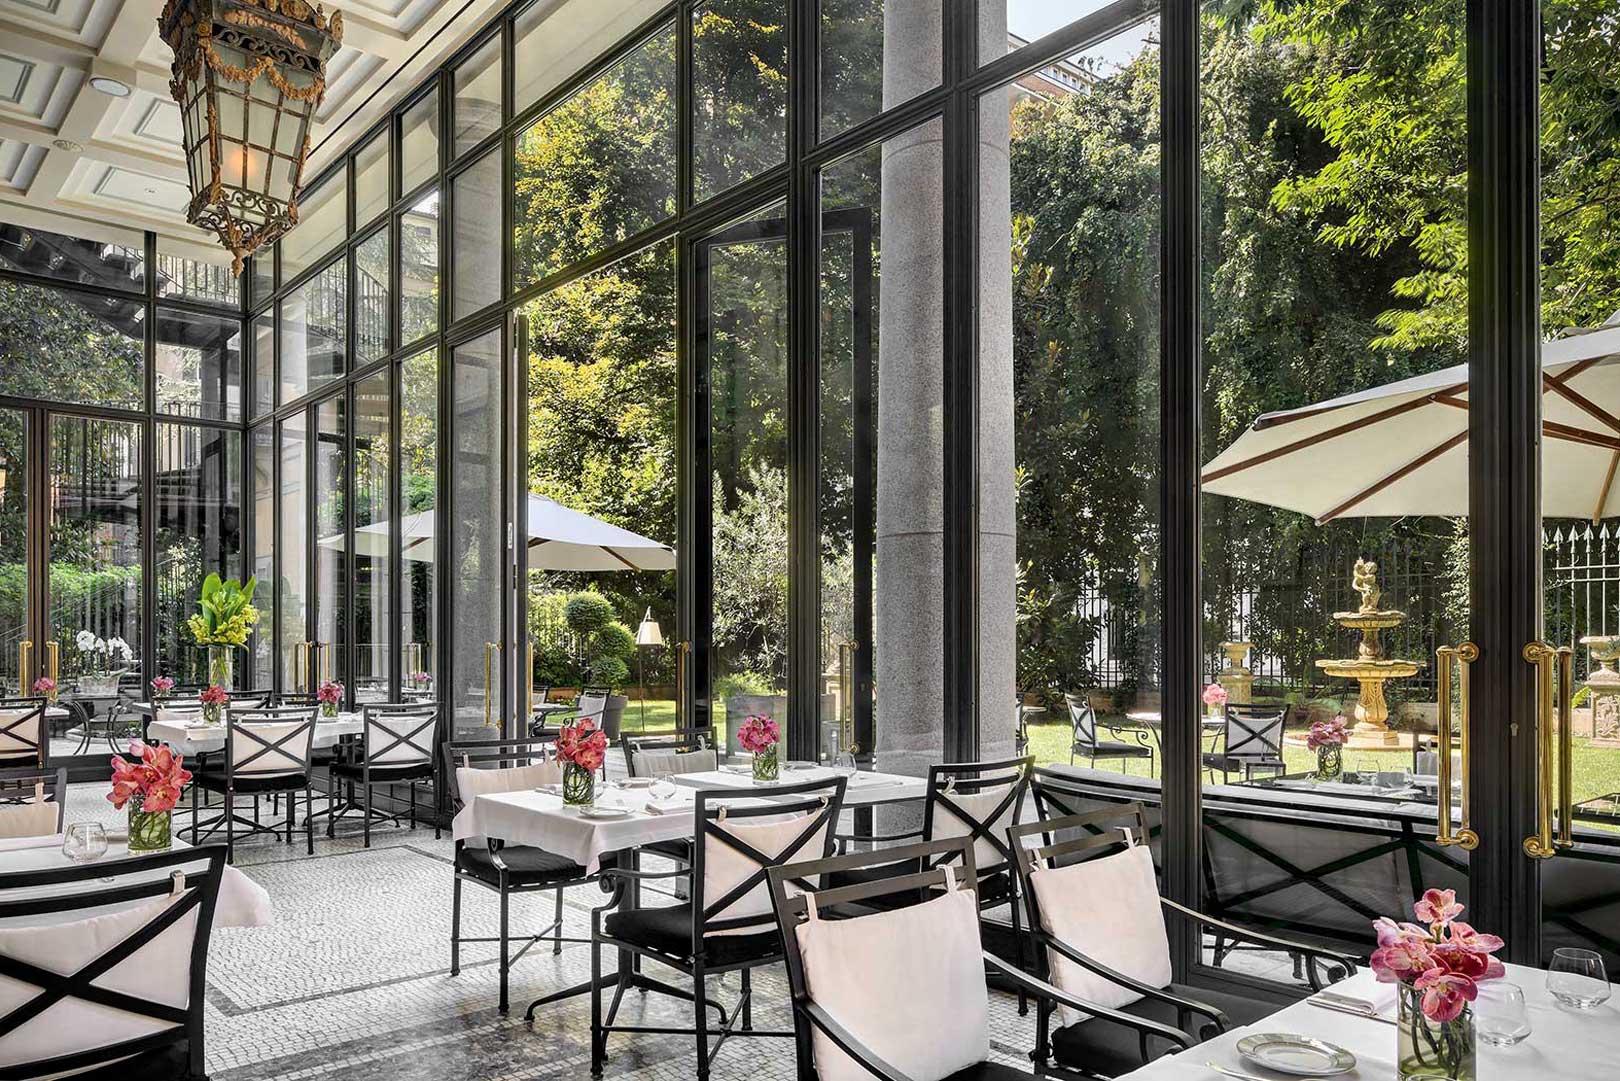 The best restaurants with a garden in Milan